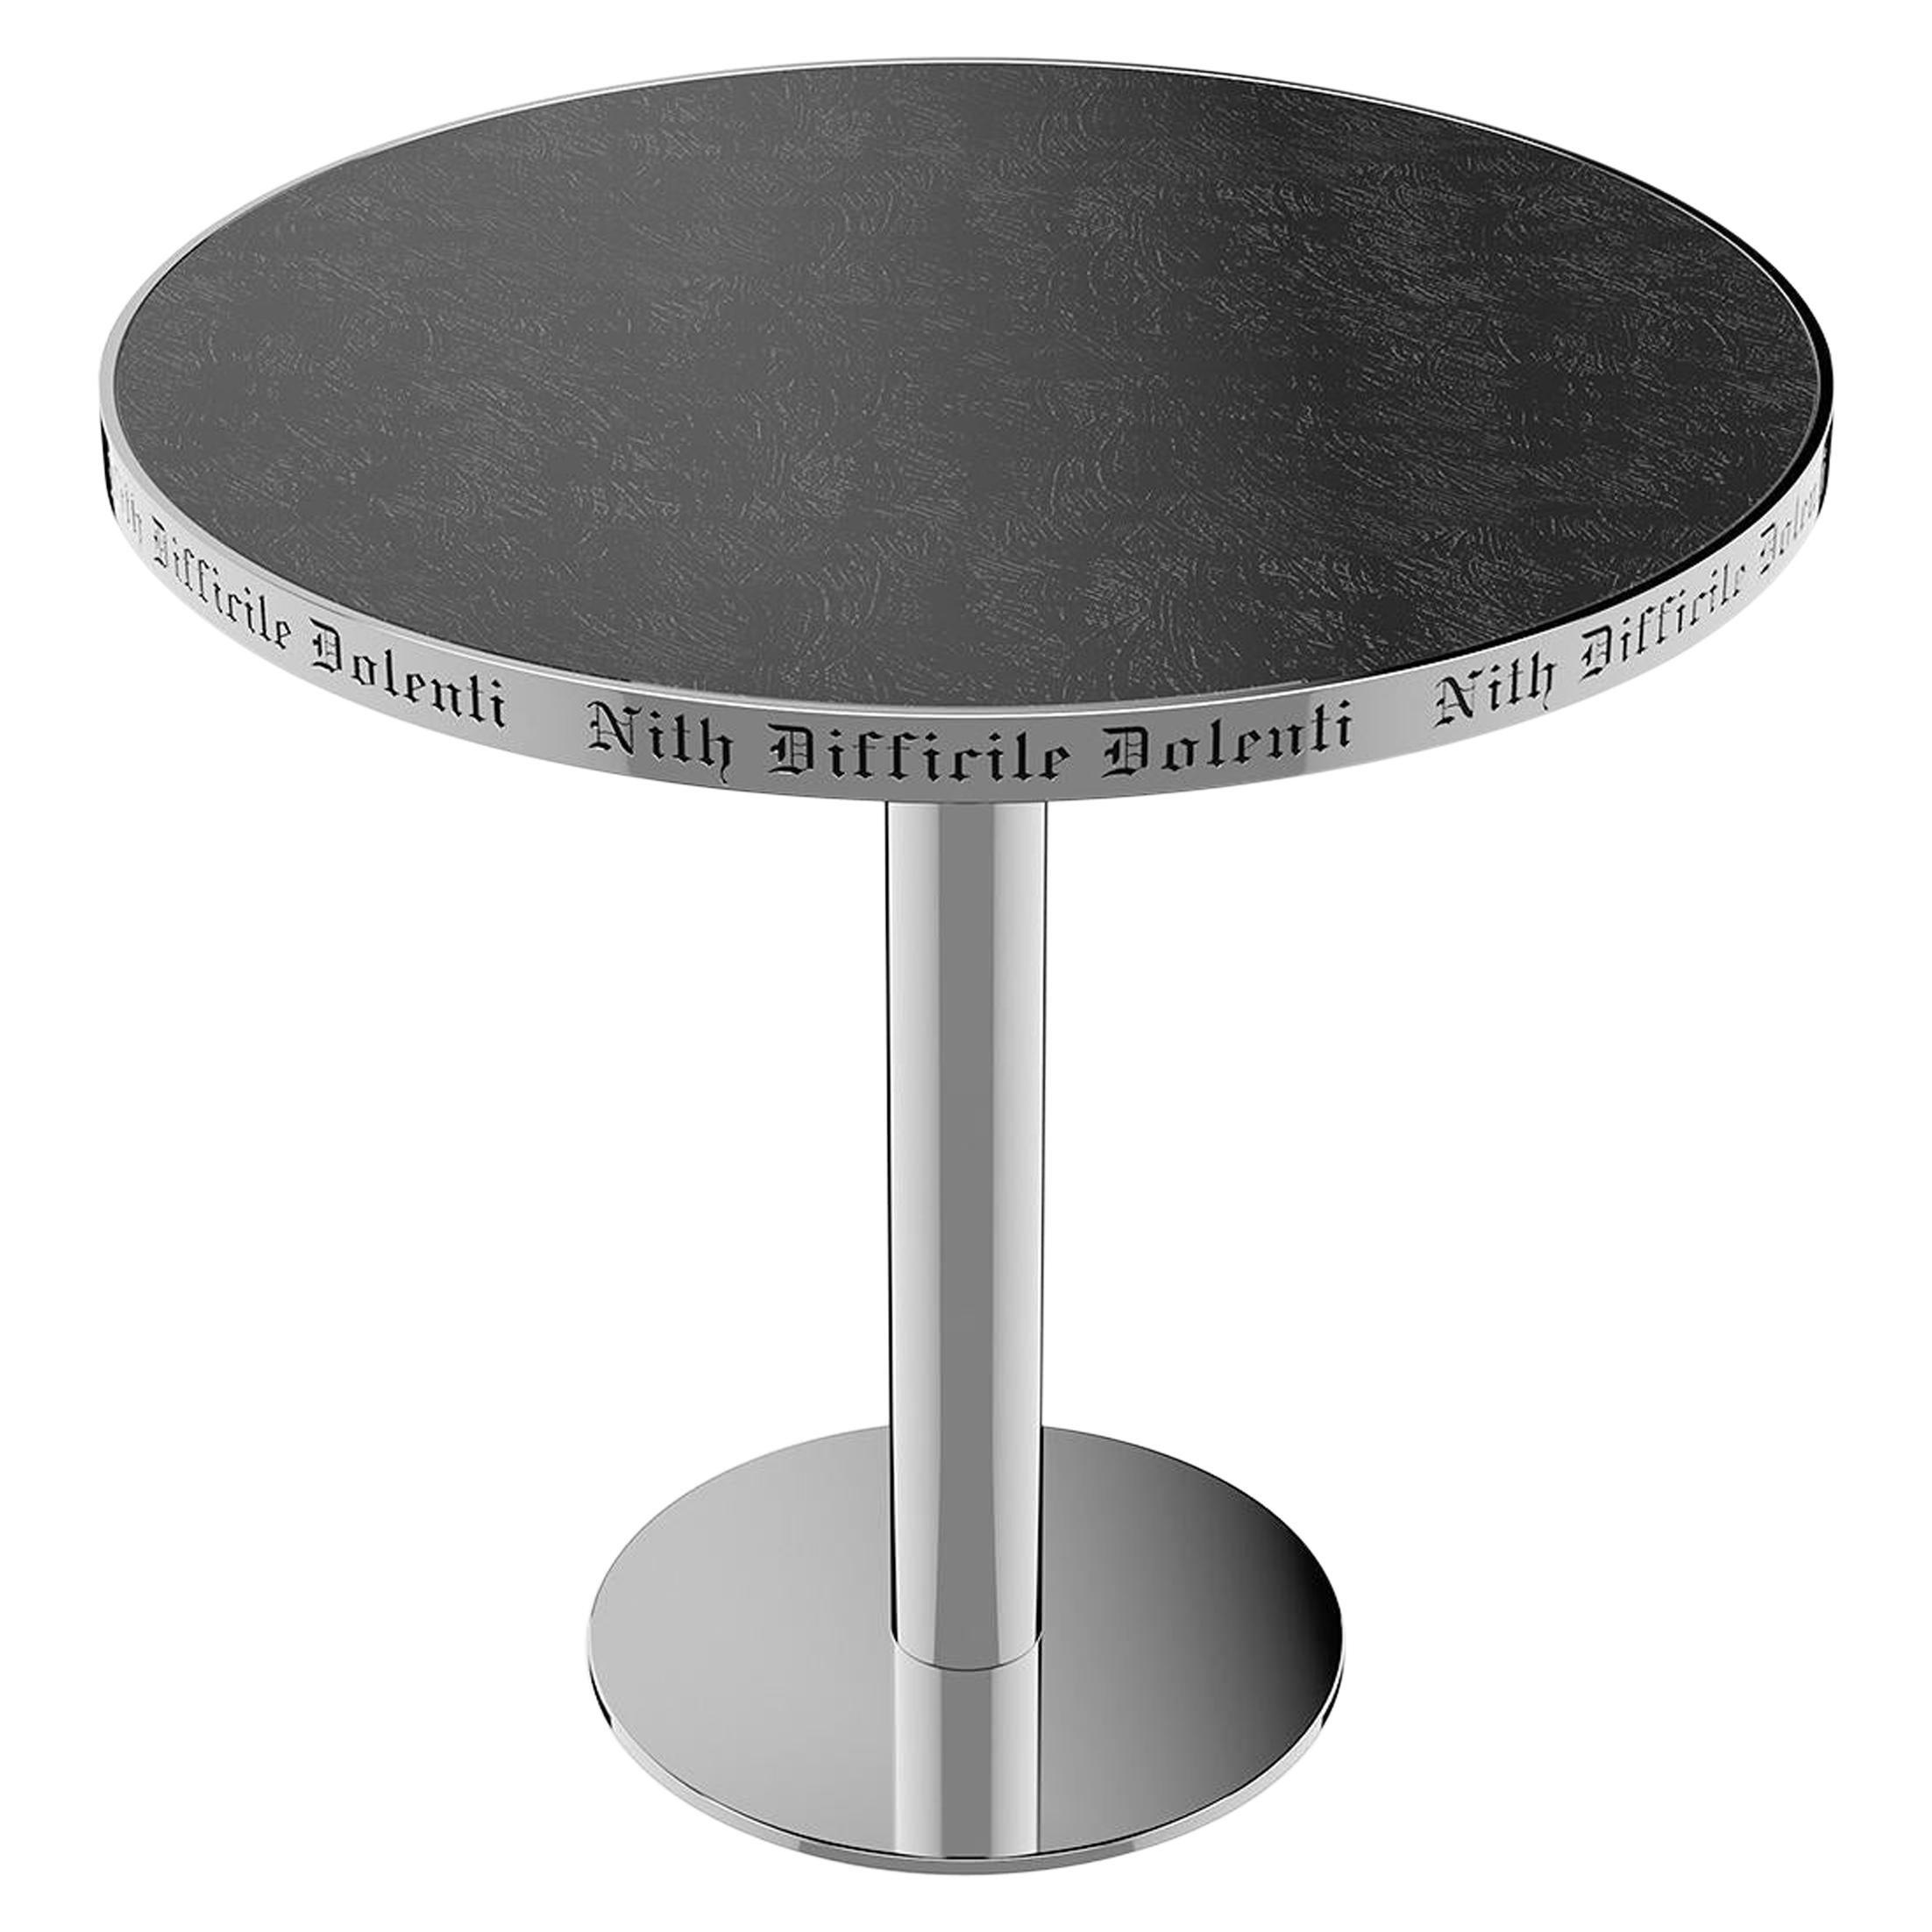 Table Pedestal Polish Stainless Steel Custom Lettering Laser Engrave Top Vetrite